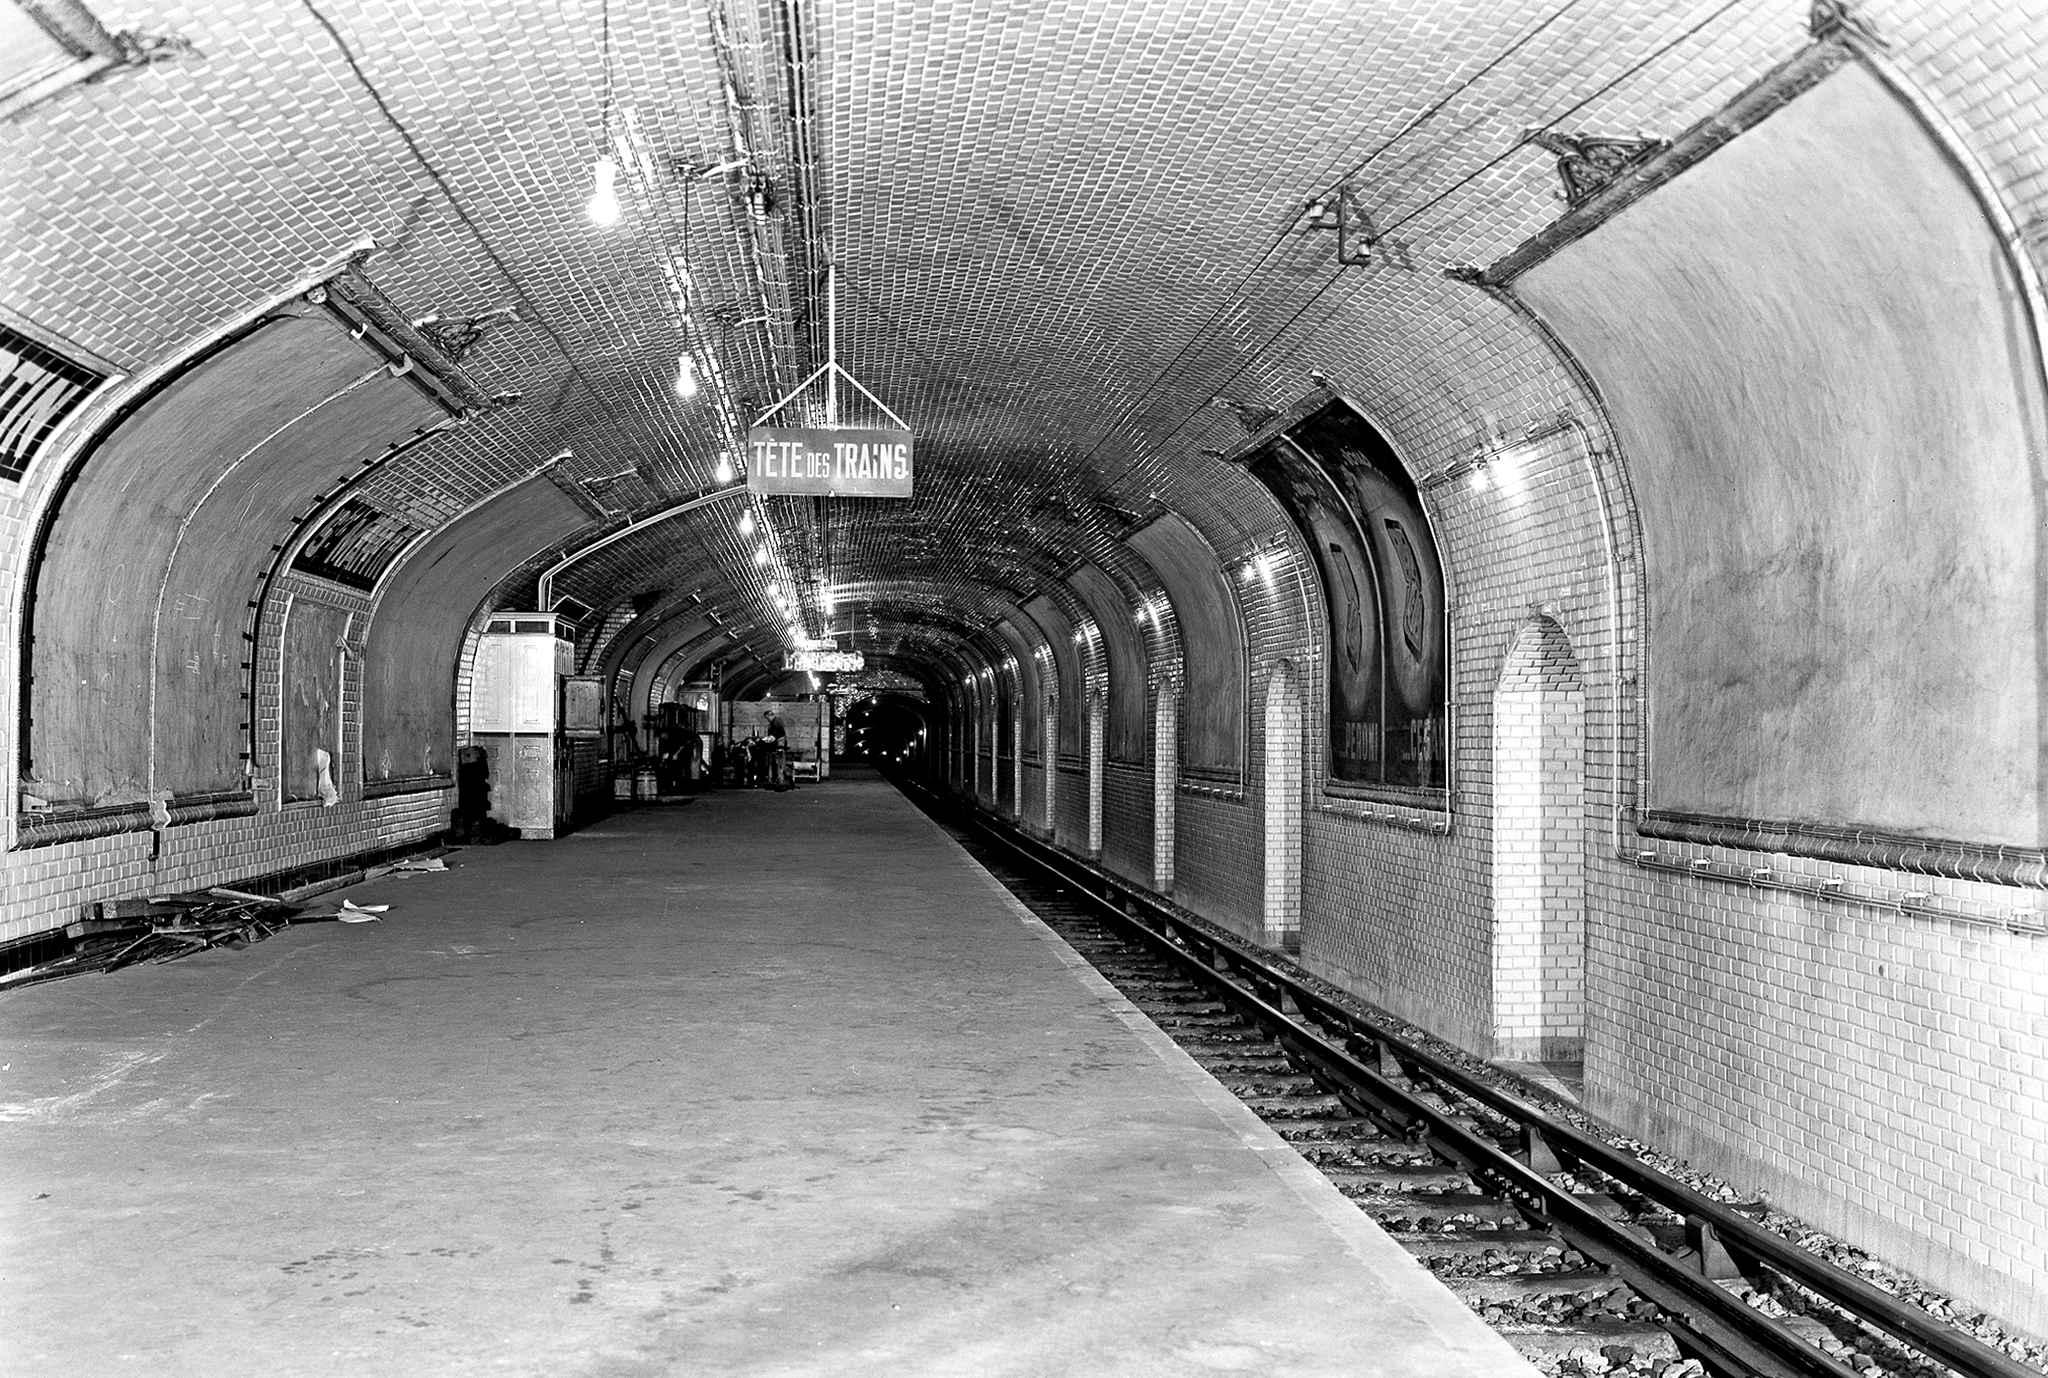 Staţia de metrou Stain-Martin, deschisă în 1928 şi închisă definitiv în 1939. Ridley Scott a filmat aici câteva scene folosite în promovarea filmului Prometheus. Courtesy of RATP